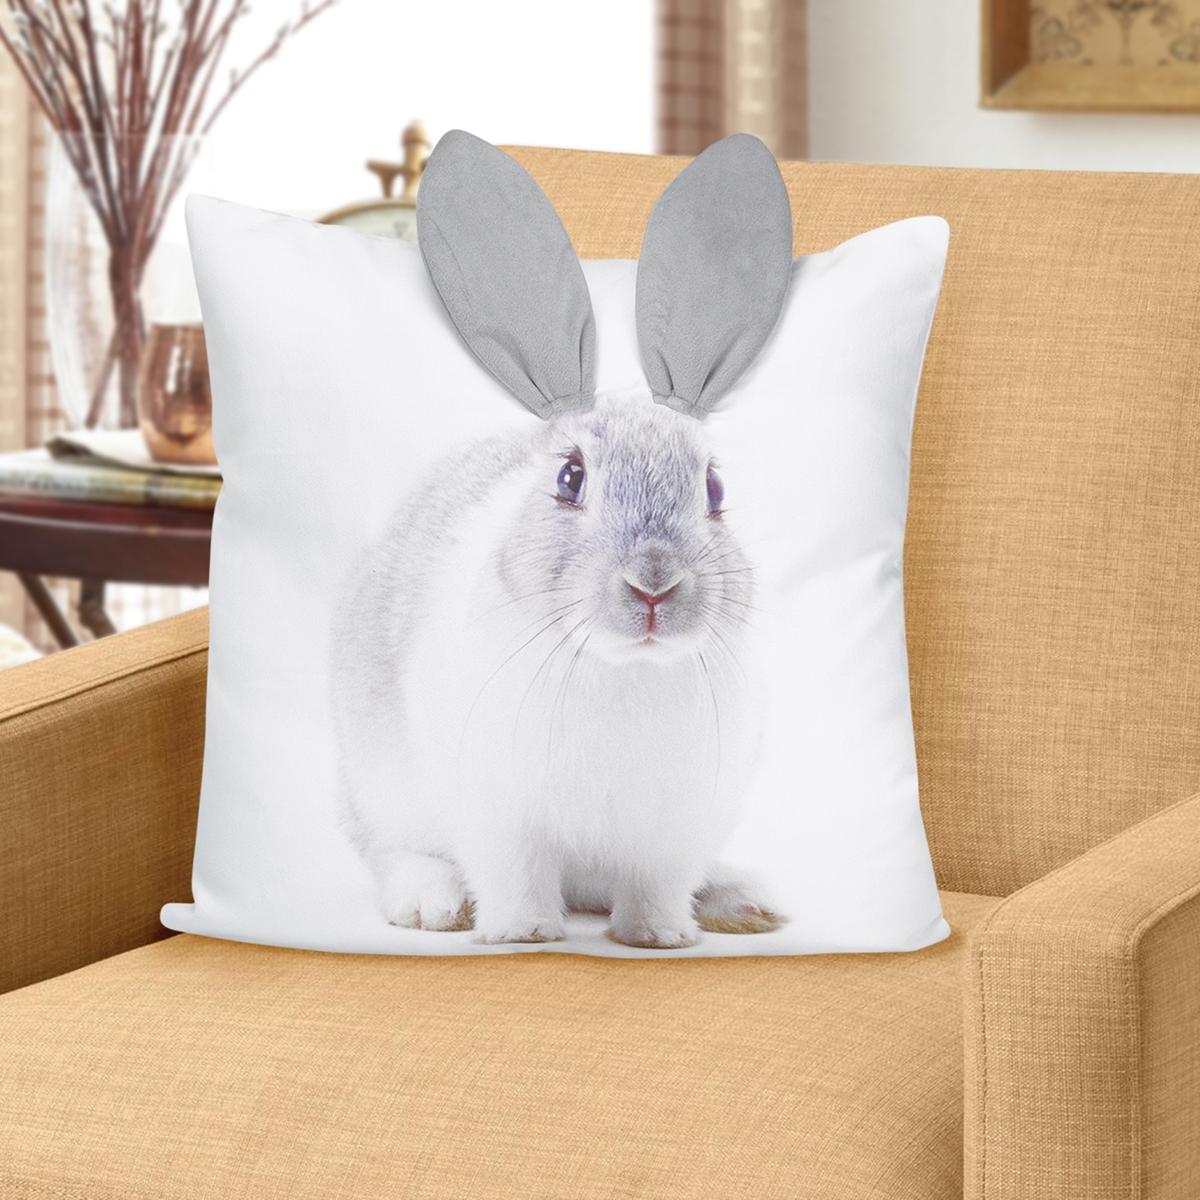 Bunny Ears 3-D Pillow